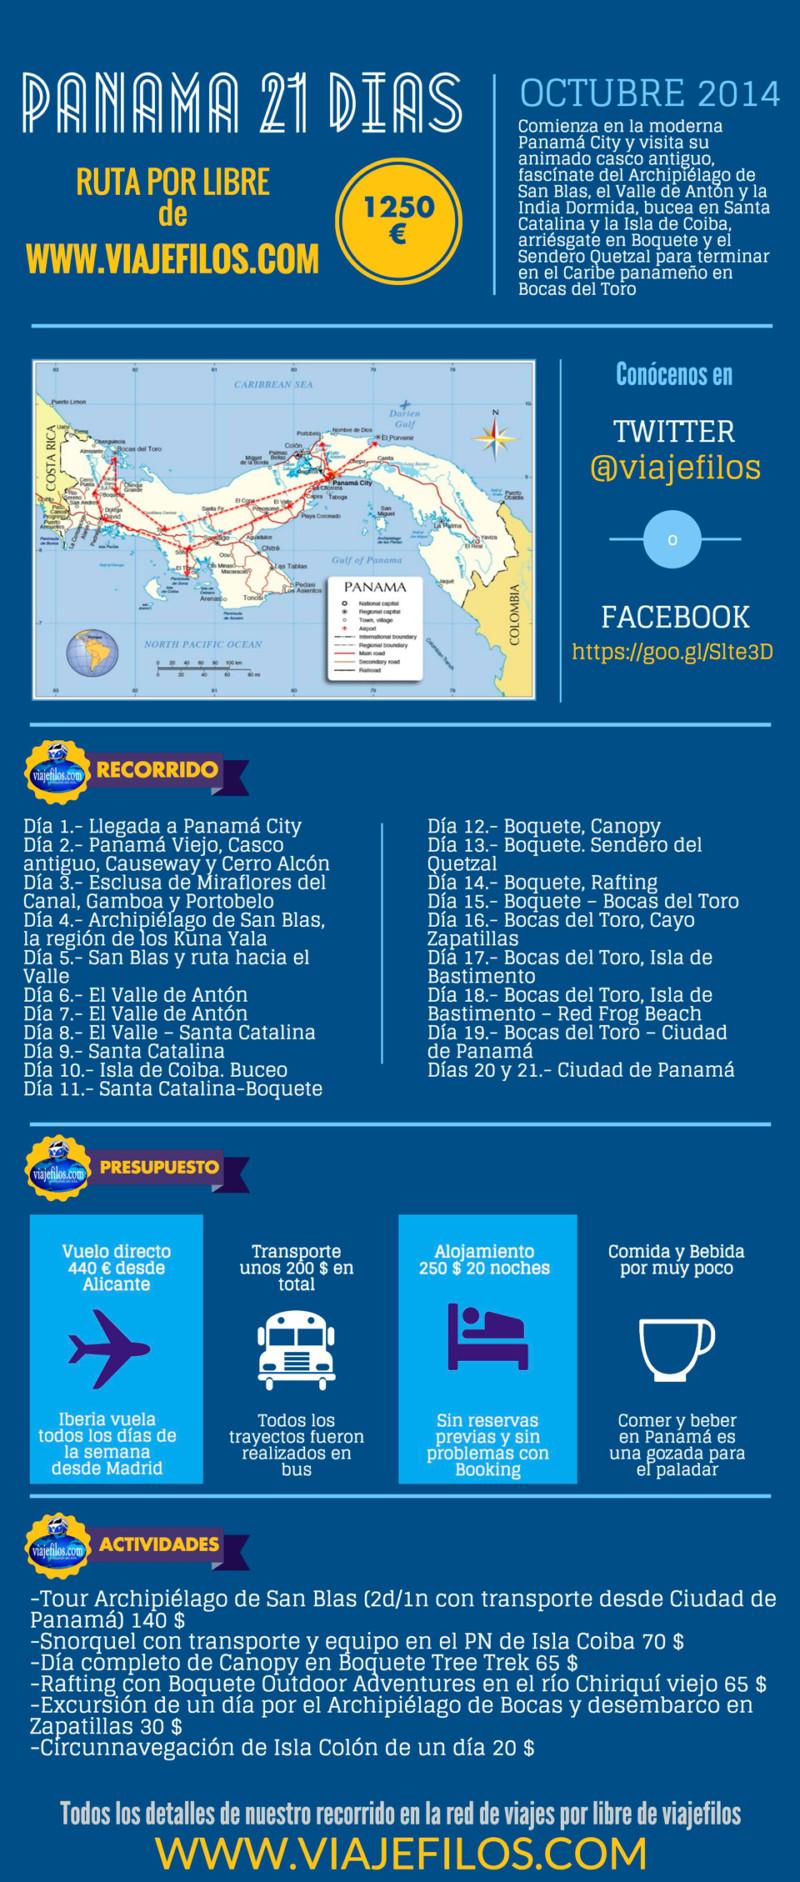 Cuanto cuesta viajar a Panama